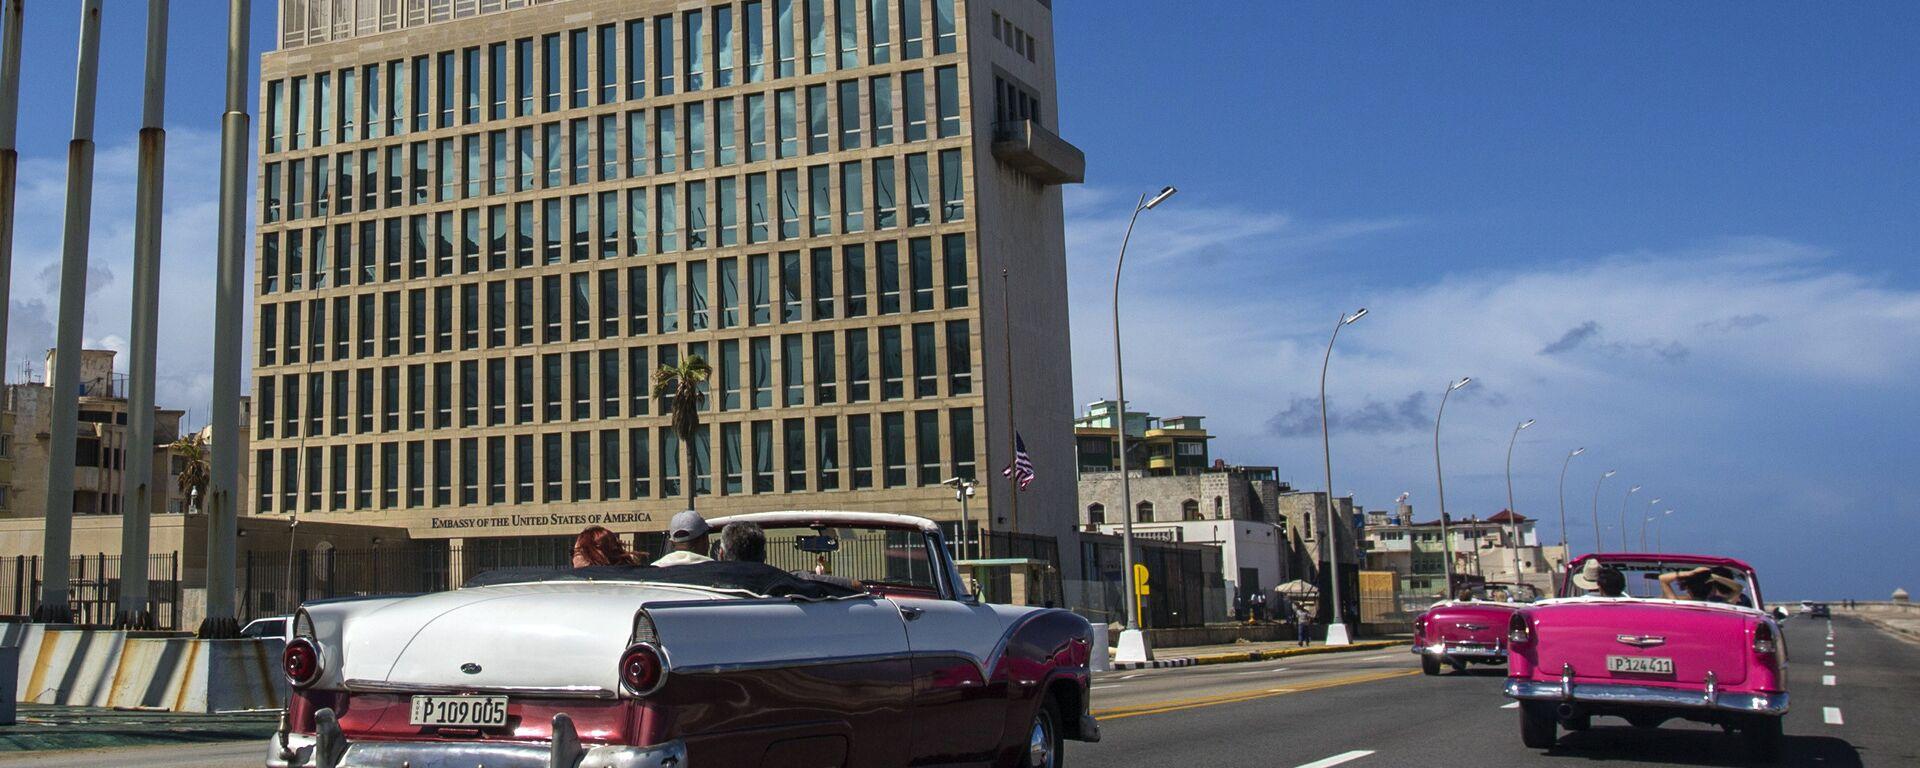 Embajada de Estados Unidos en La Habana - Sputnik Mundo, 1920, 12.03.2021